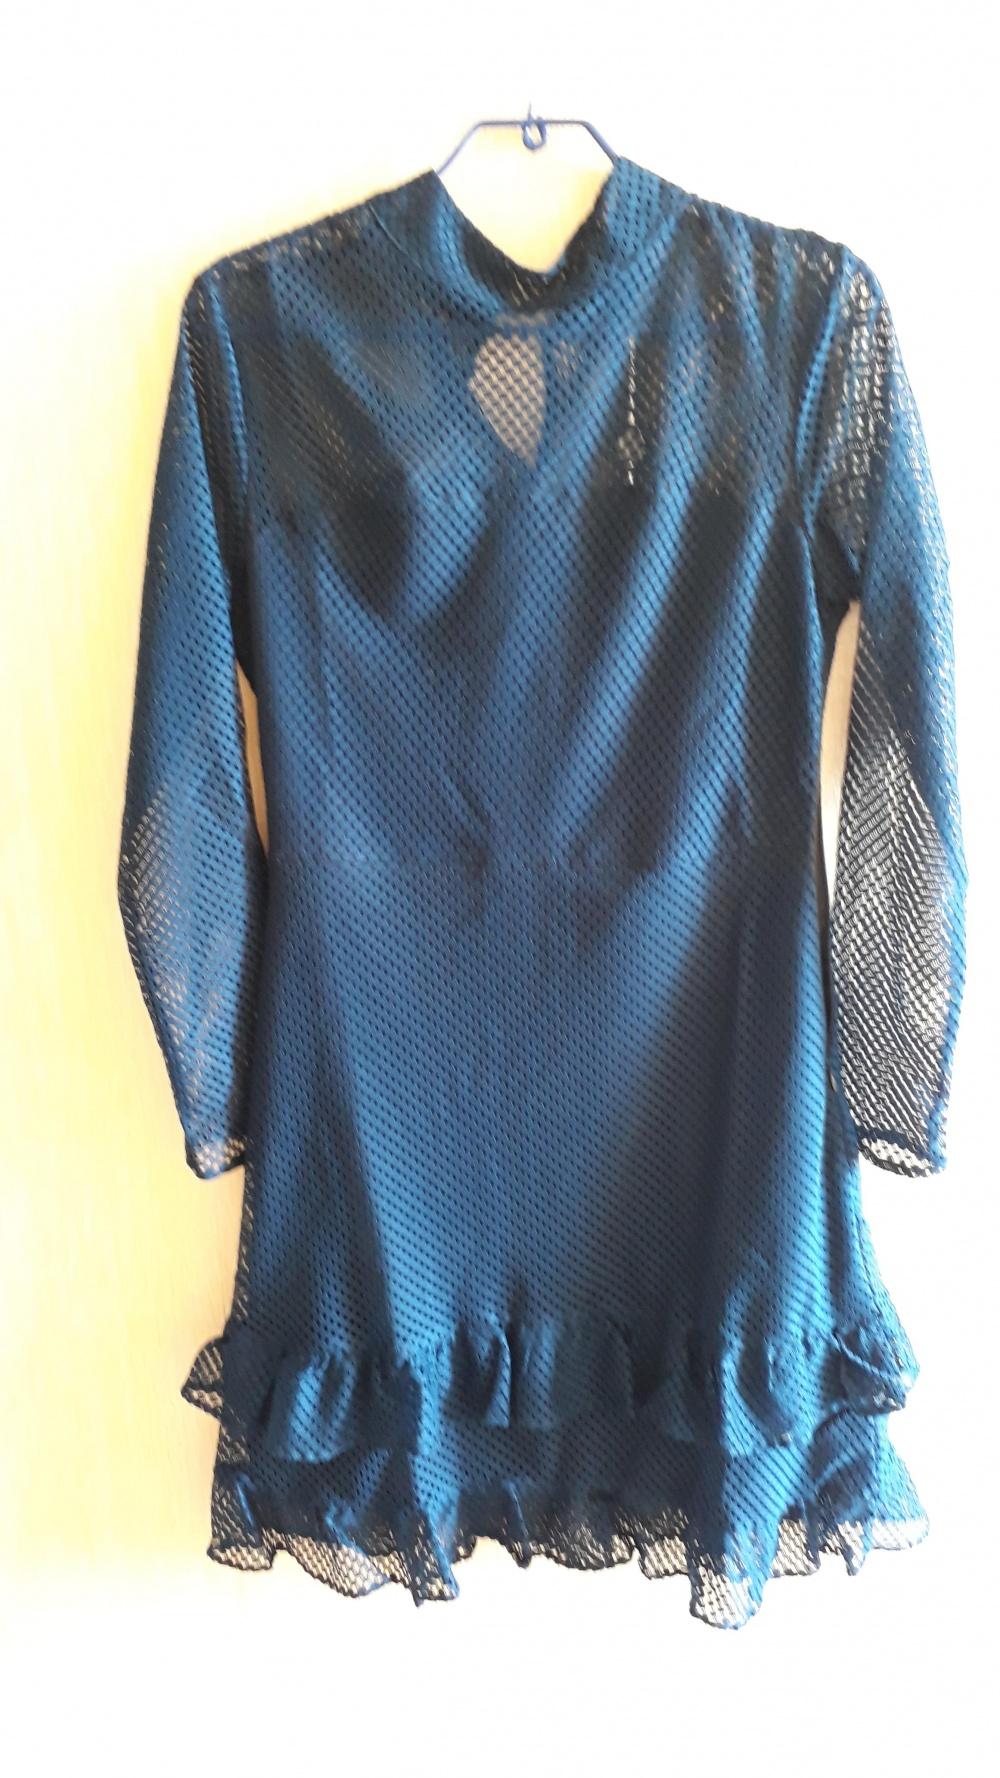 Платье 8. Размер М (44 рус), см. замеры